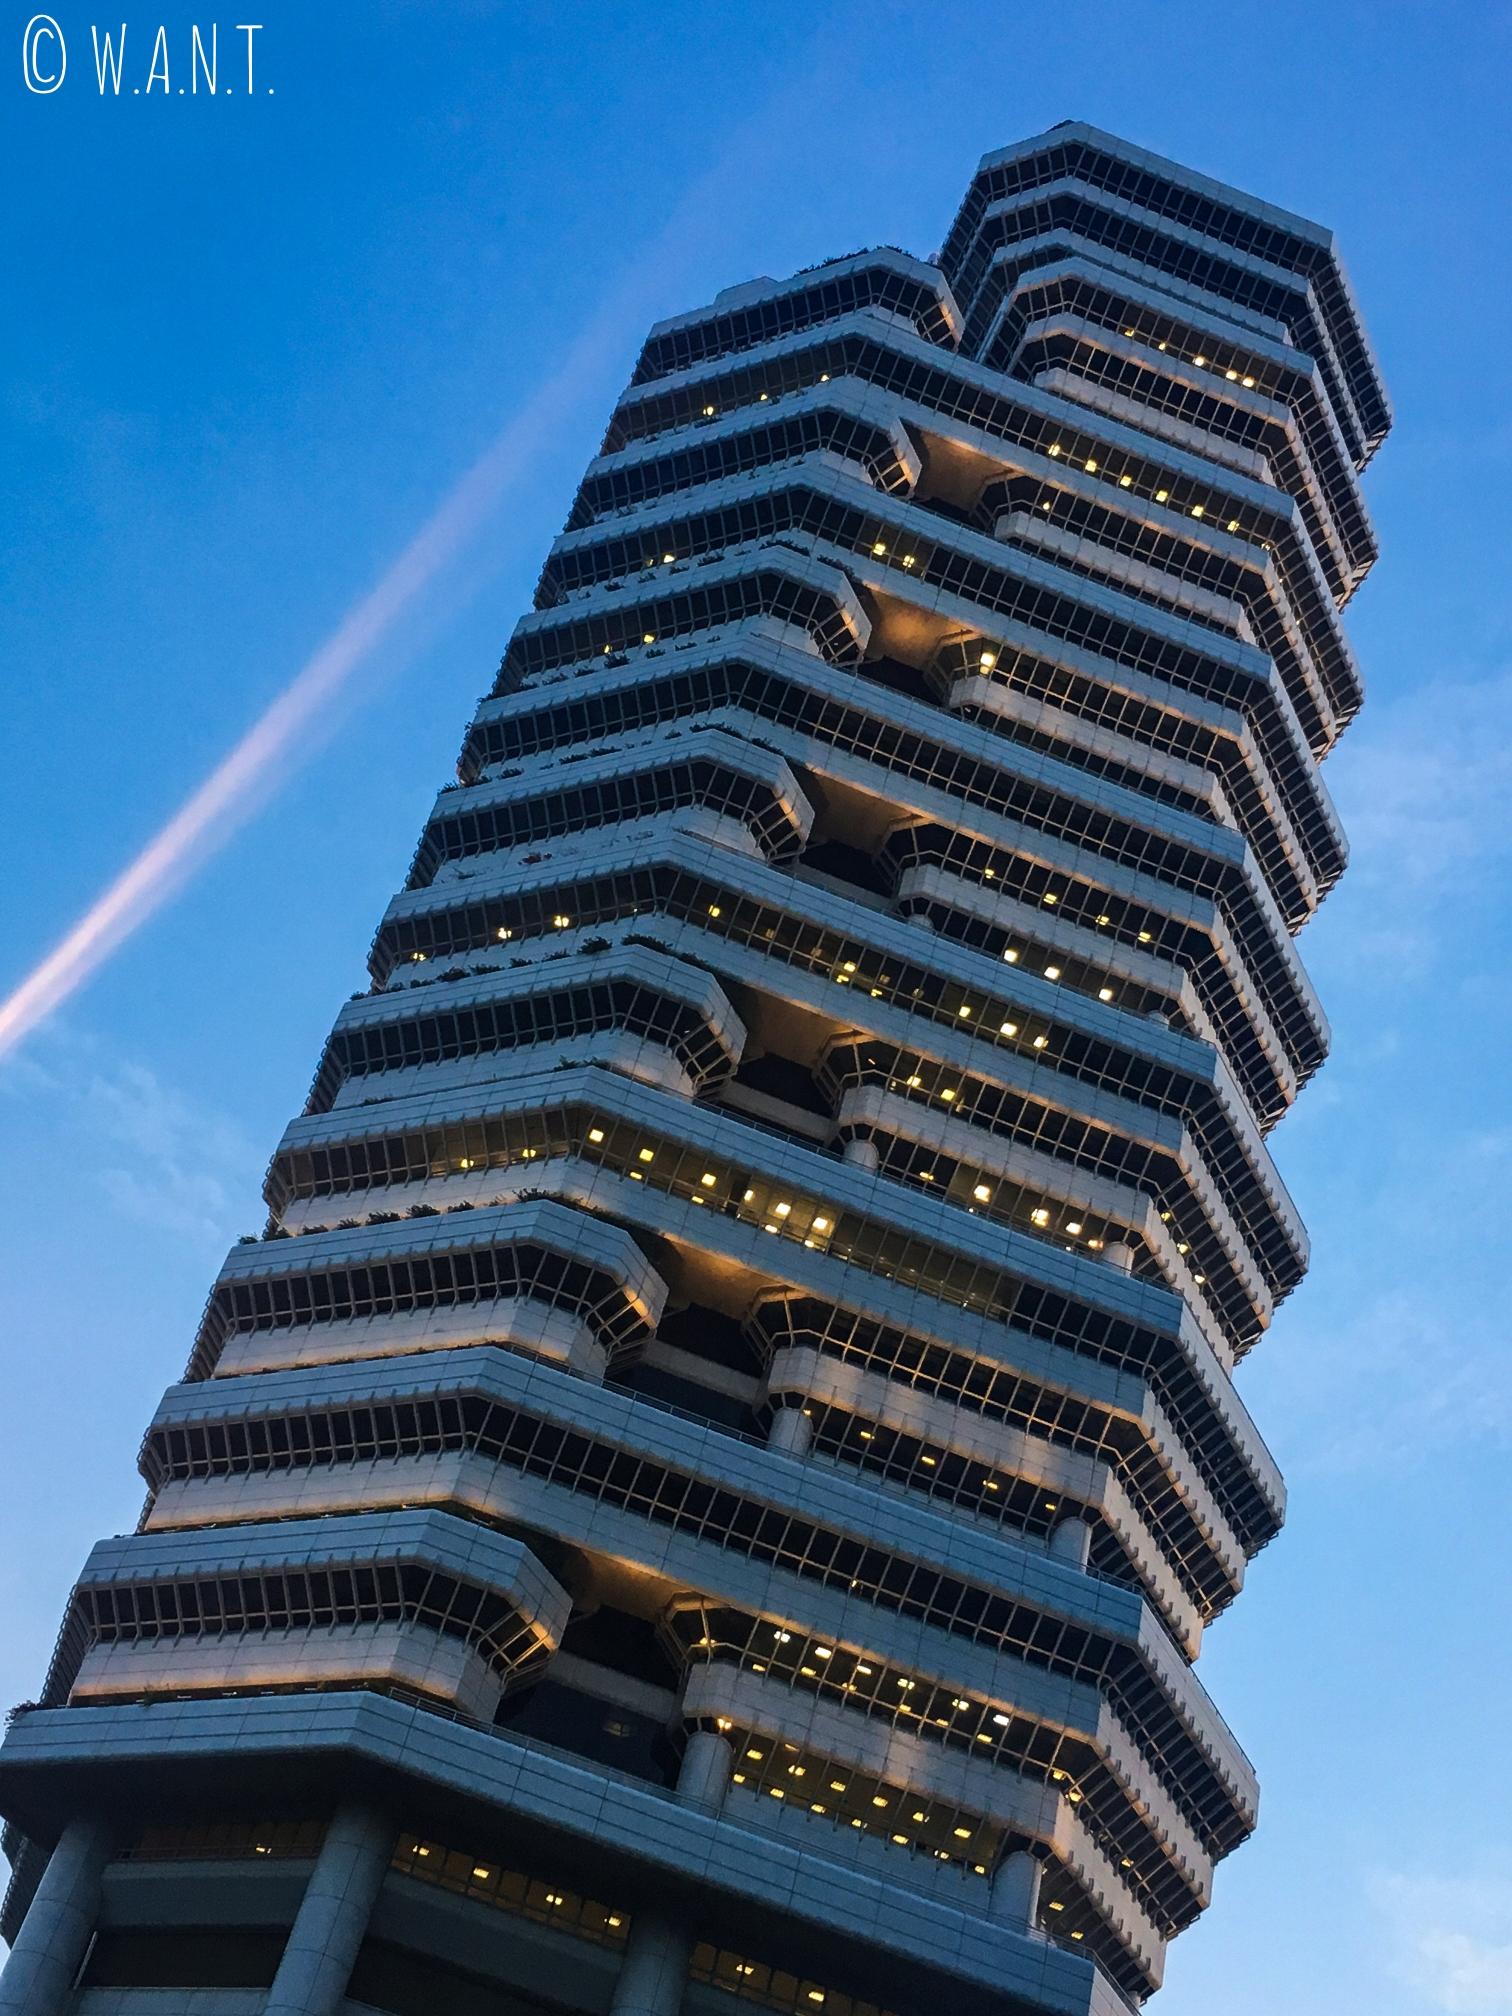 Le design des tours de Singapour s'avère parfois audacieux